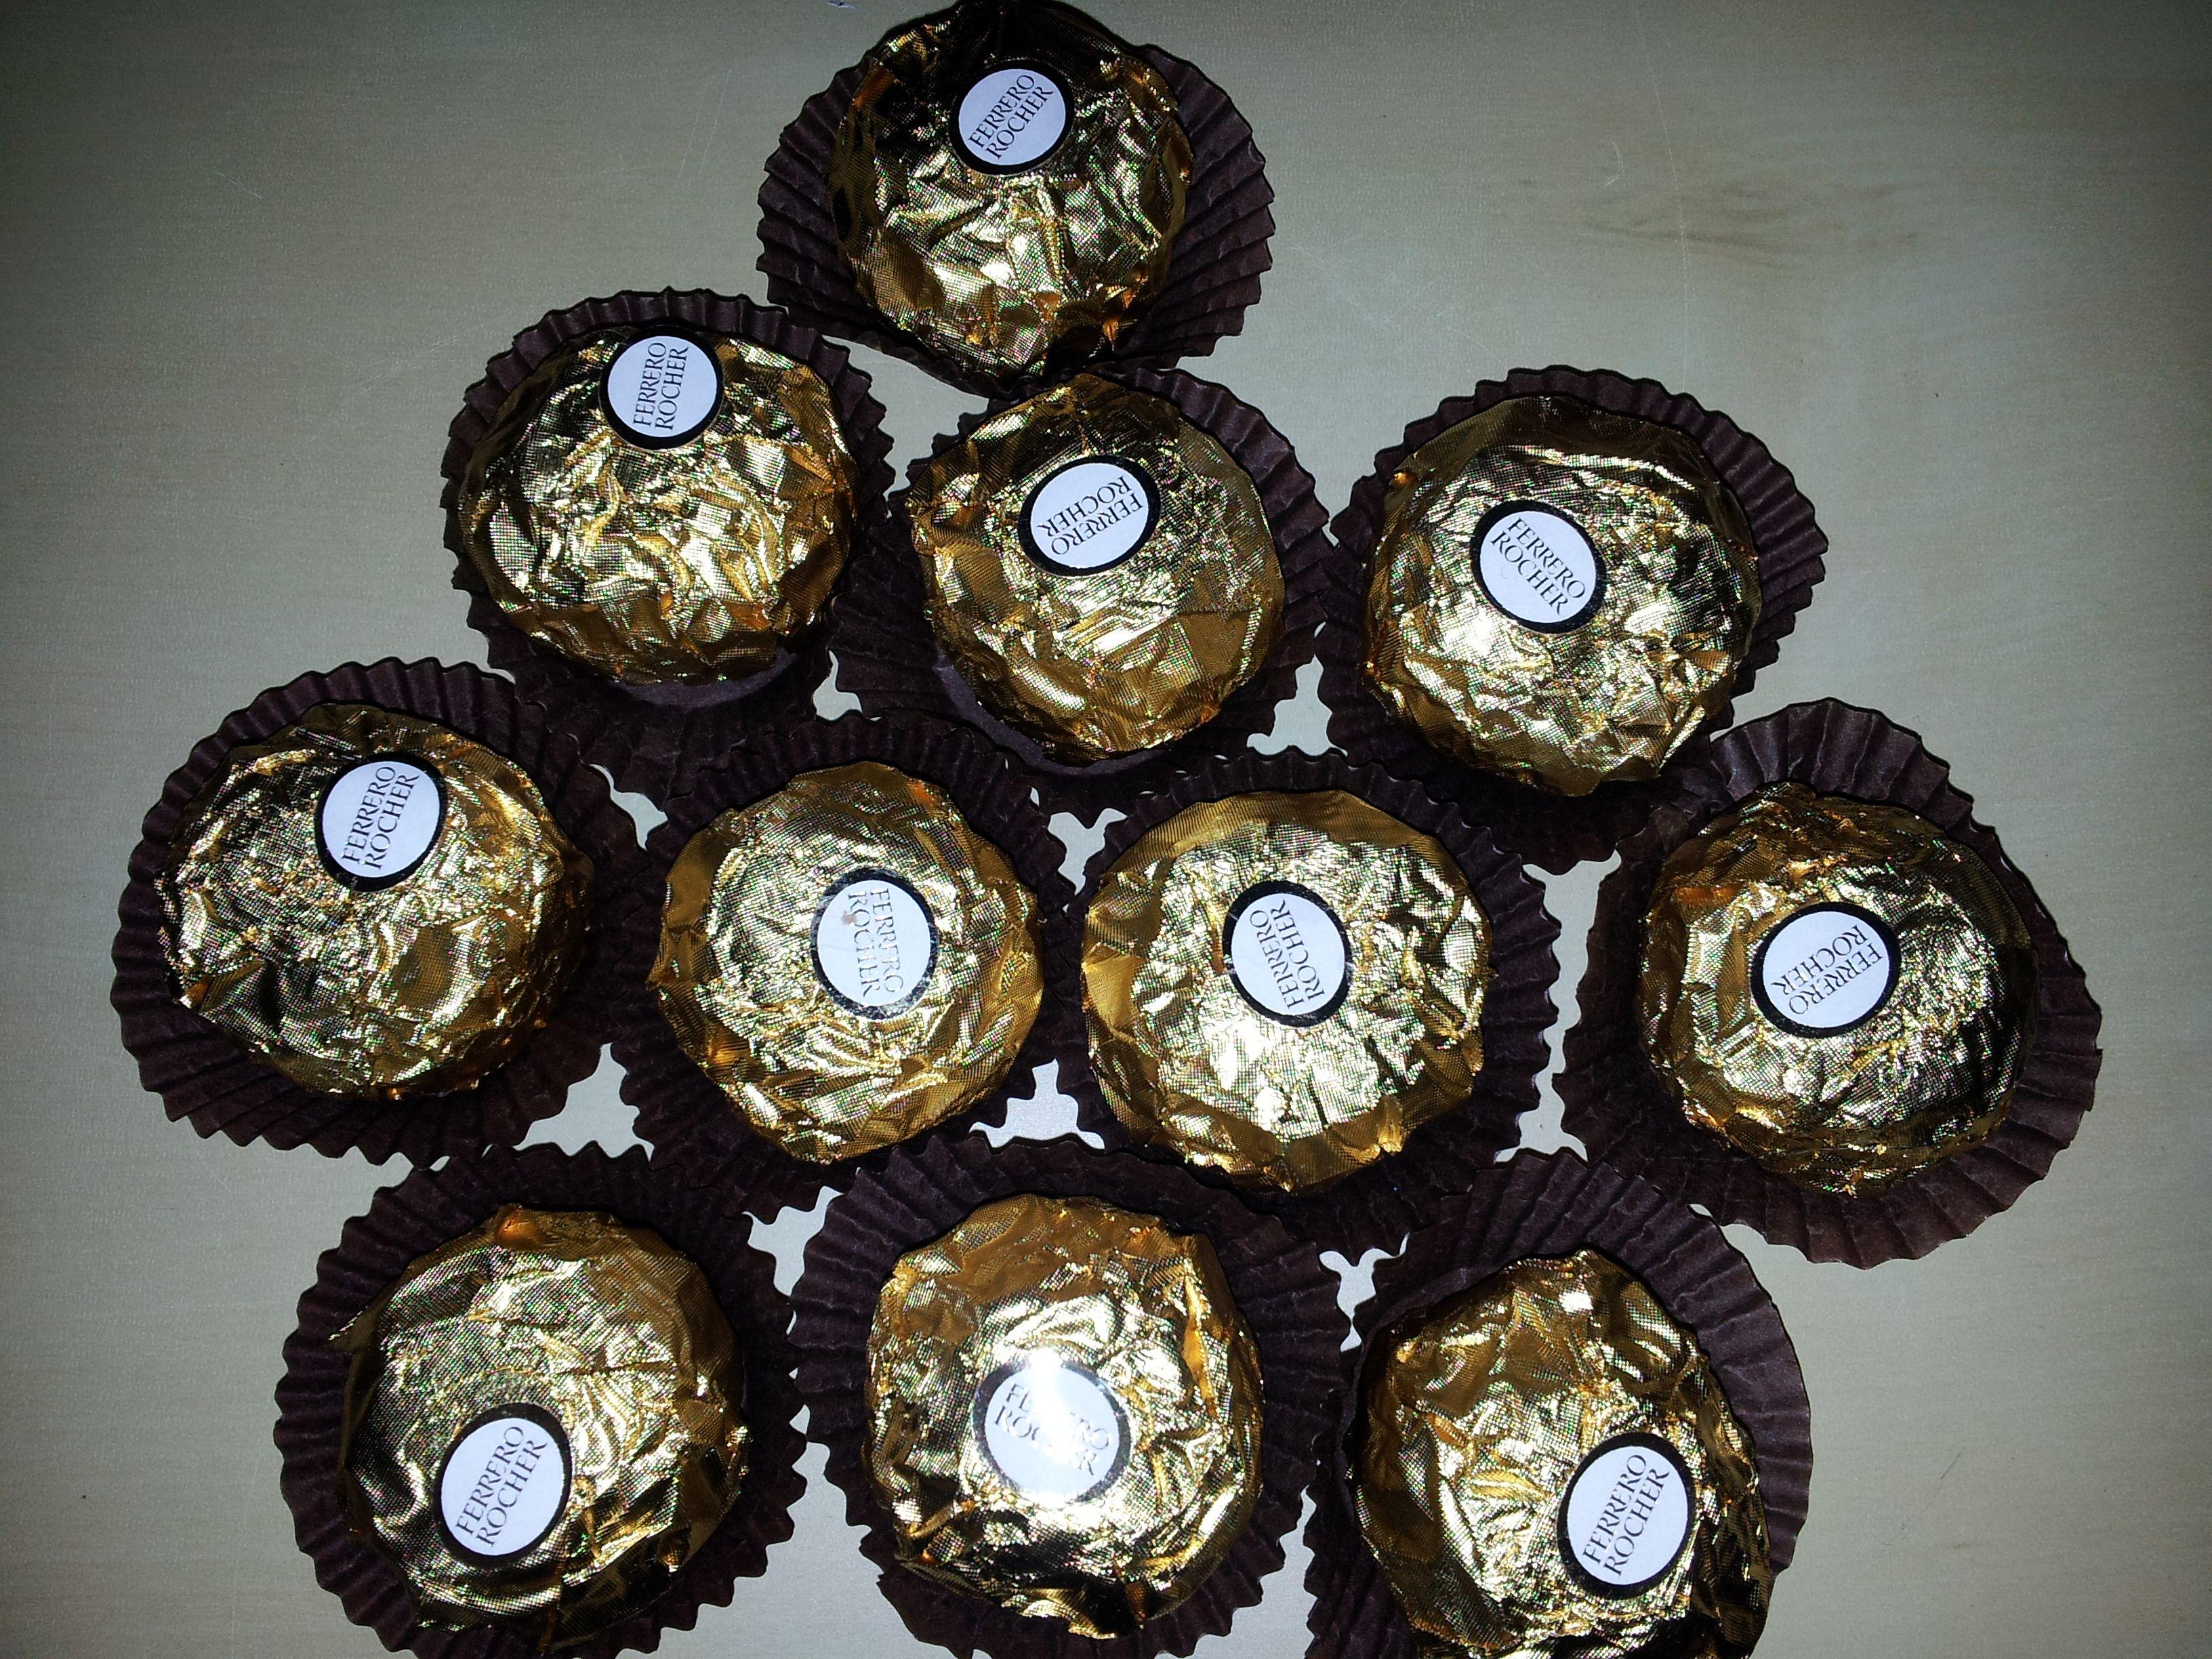 Probe legen der Ferrero Rocher mit Papier